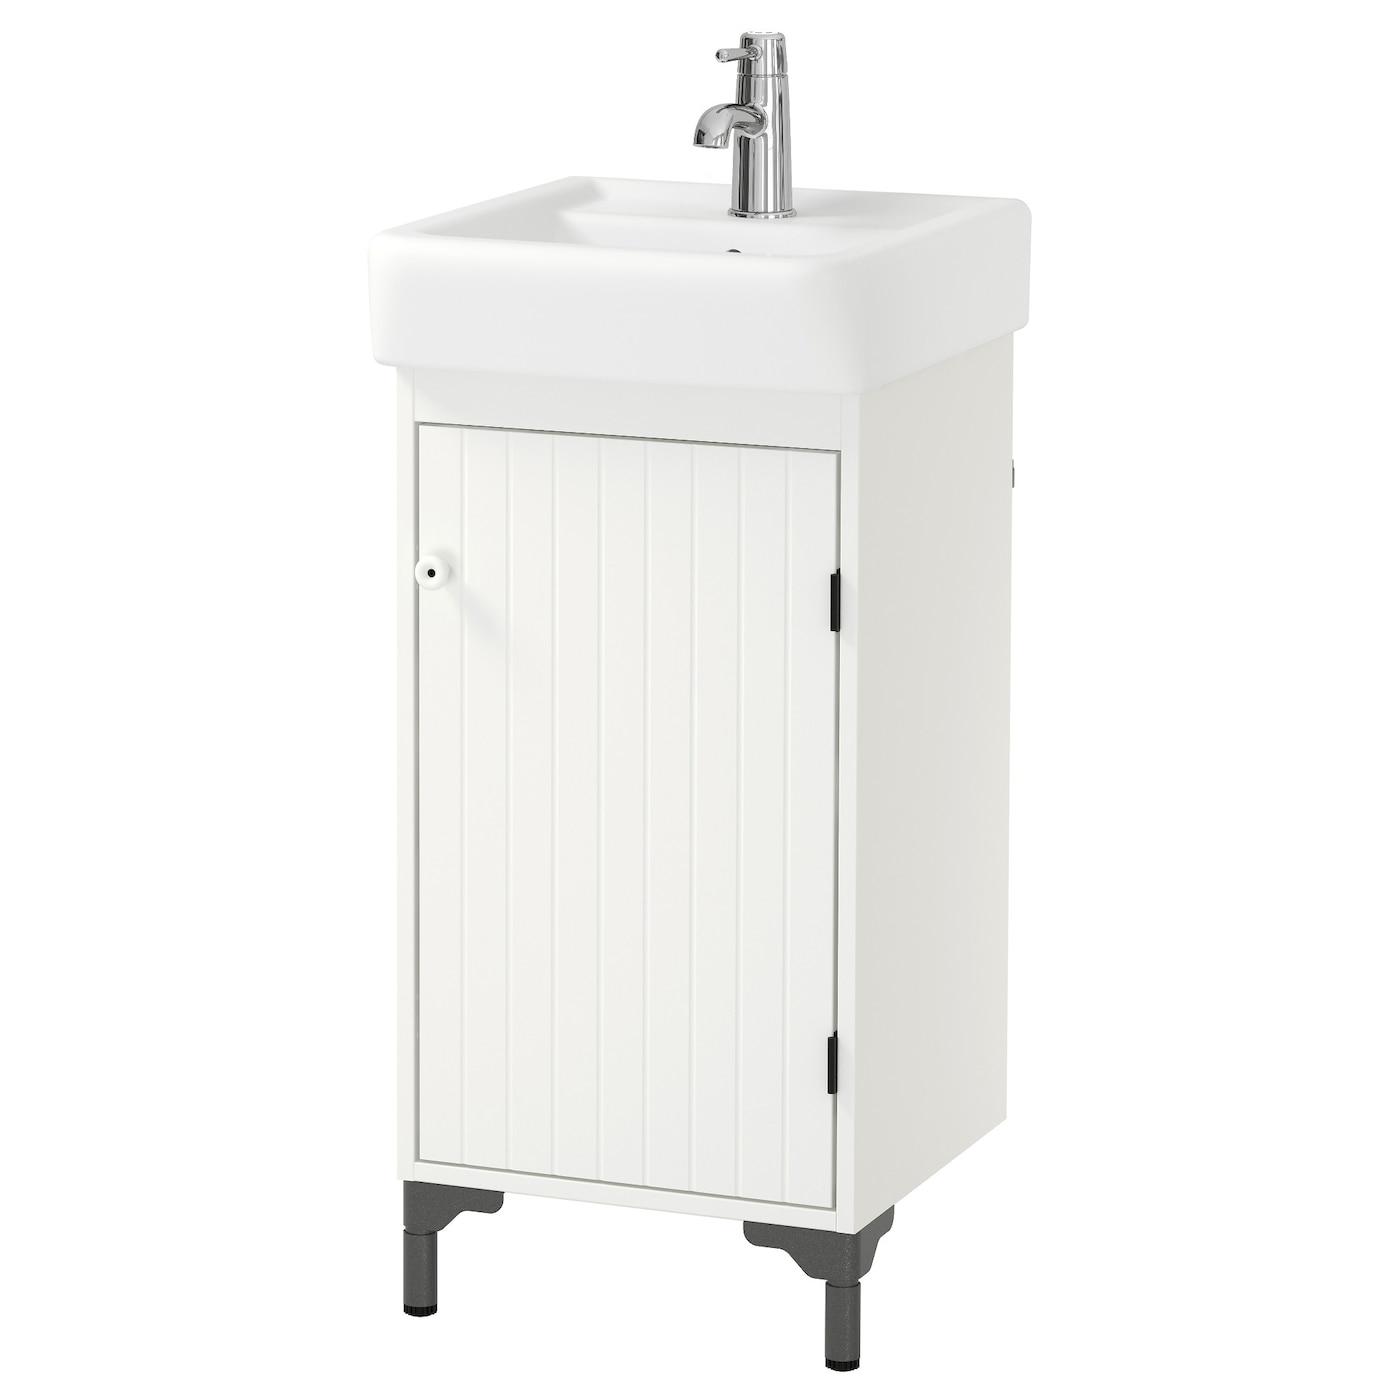 SILVERÅN/HAMNVIKEN Wash-basin cabinet with 1 door White 43 x 45 x 91 ...